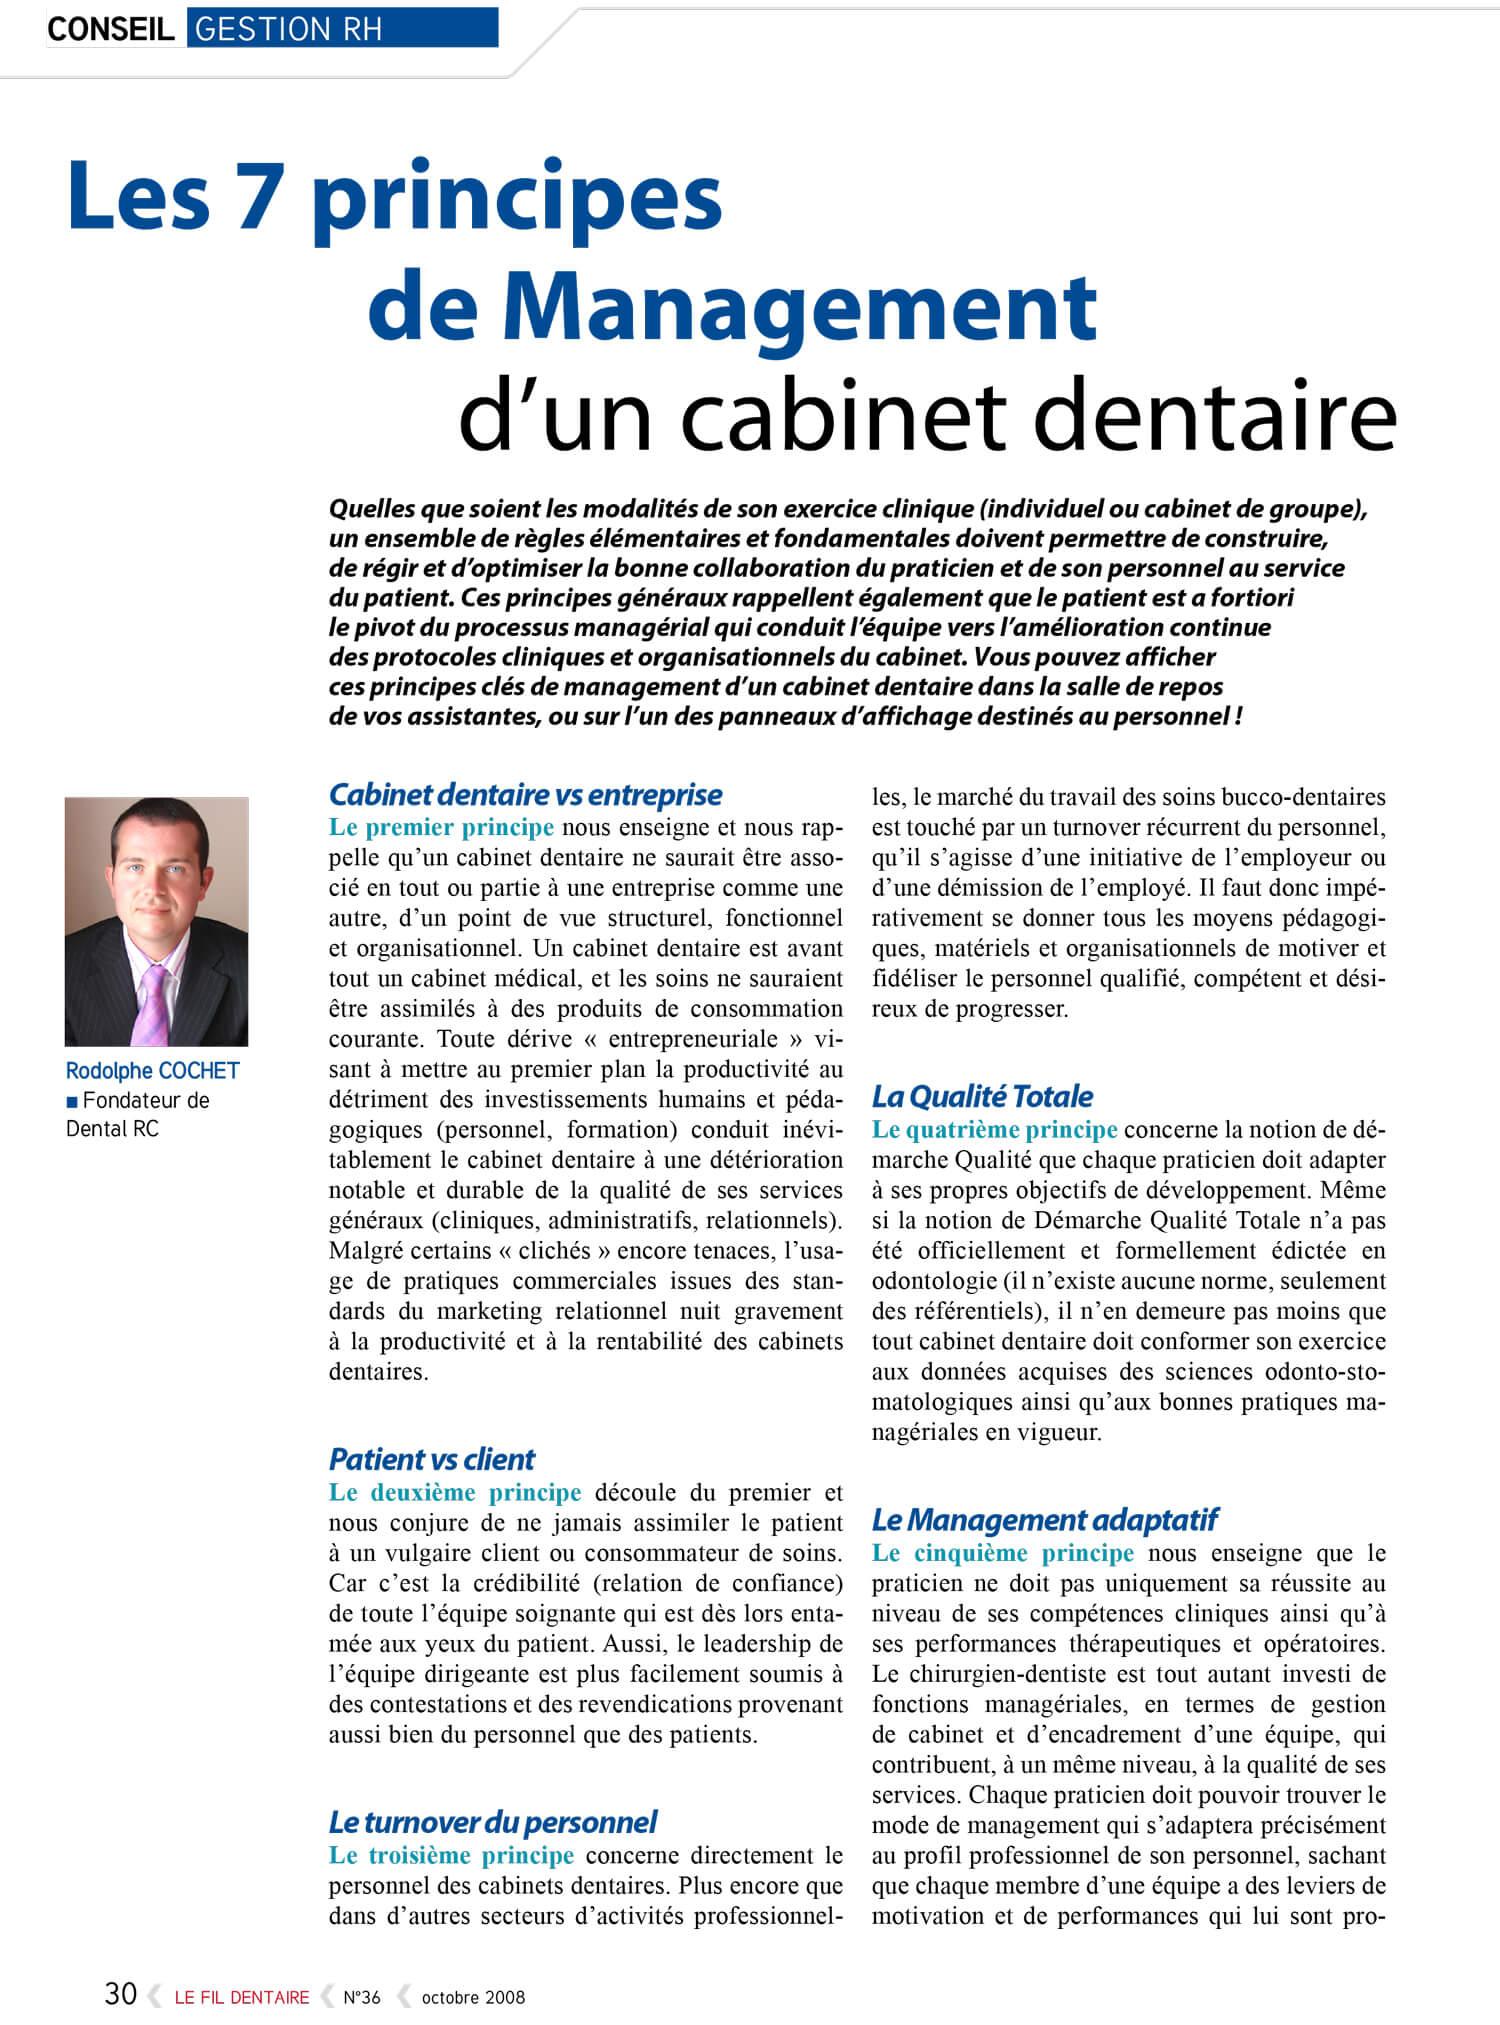 Le_Fil_Dentaire_Les_7_principes_de_Management_cabinet_dentaire_Rodolphe_Cochet.jpg